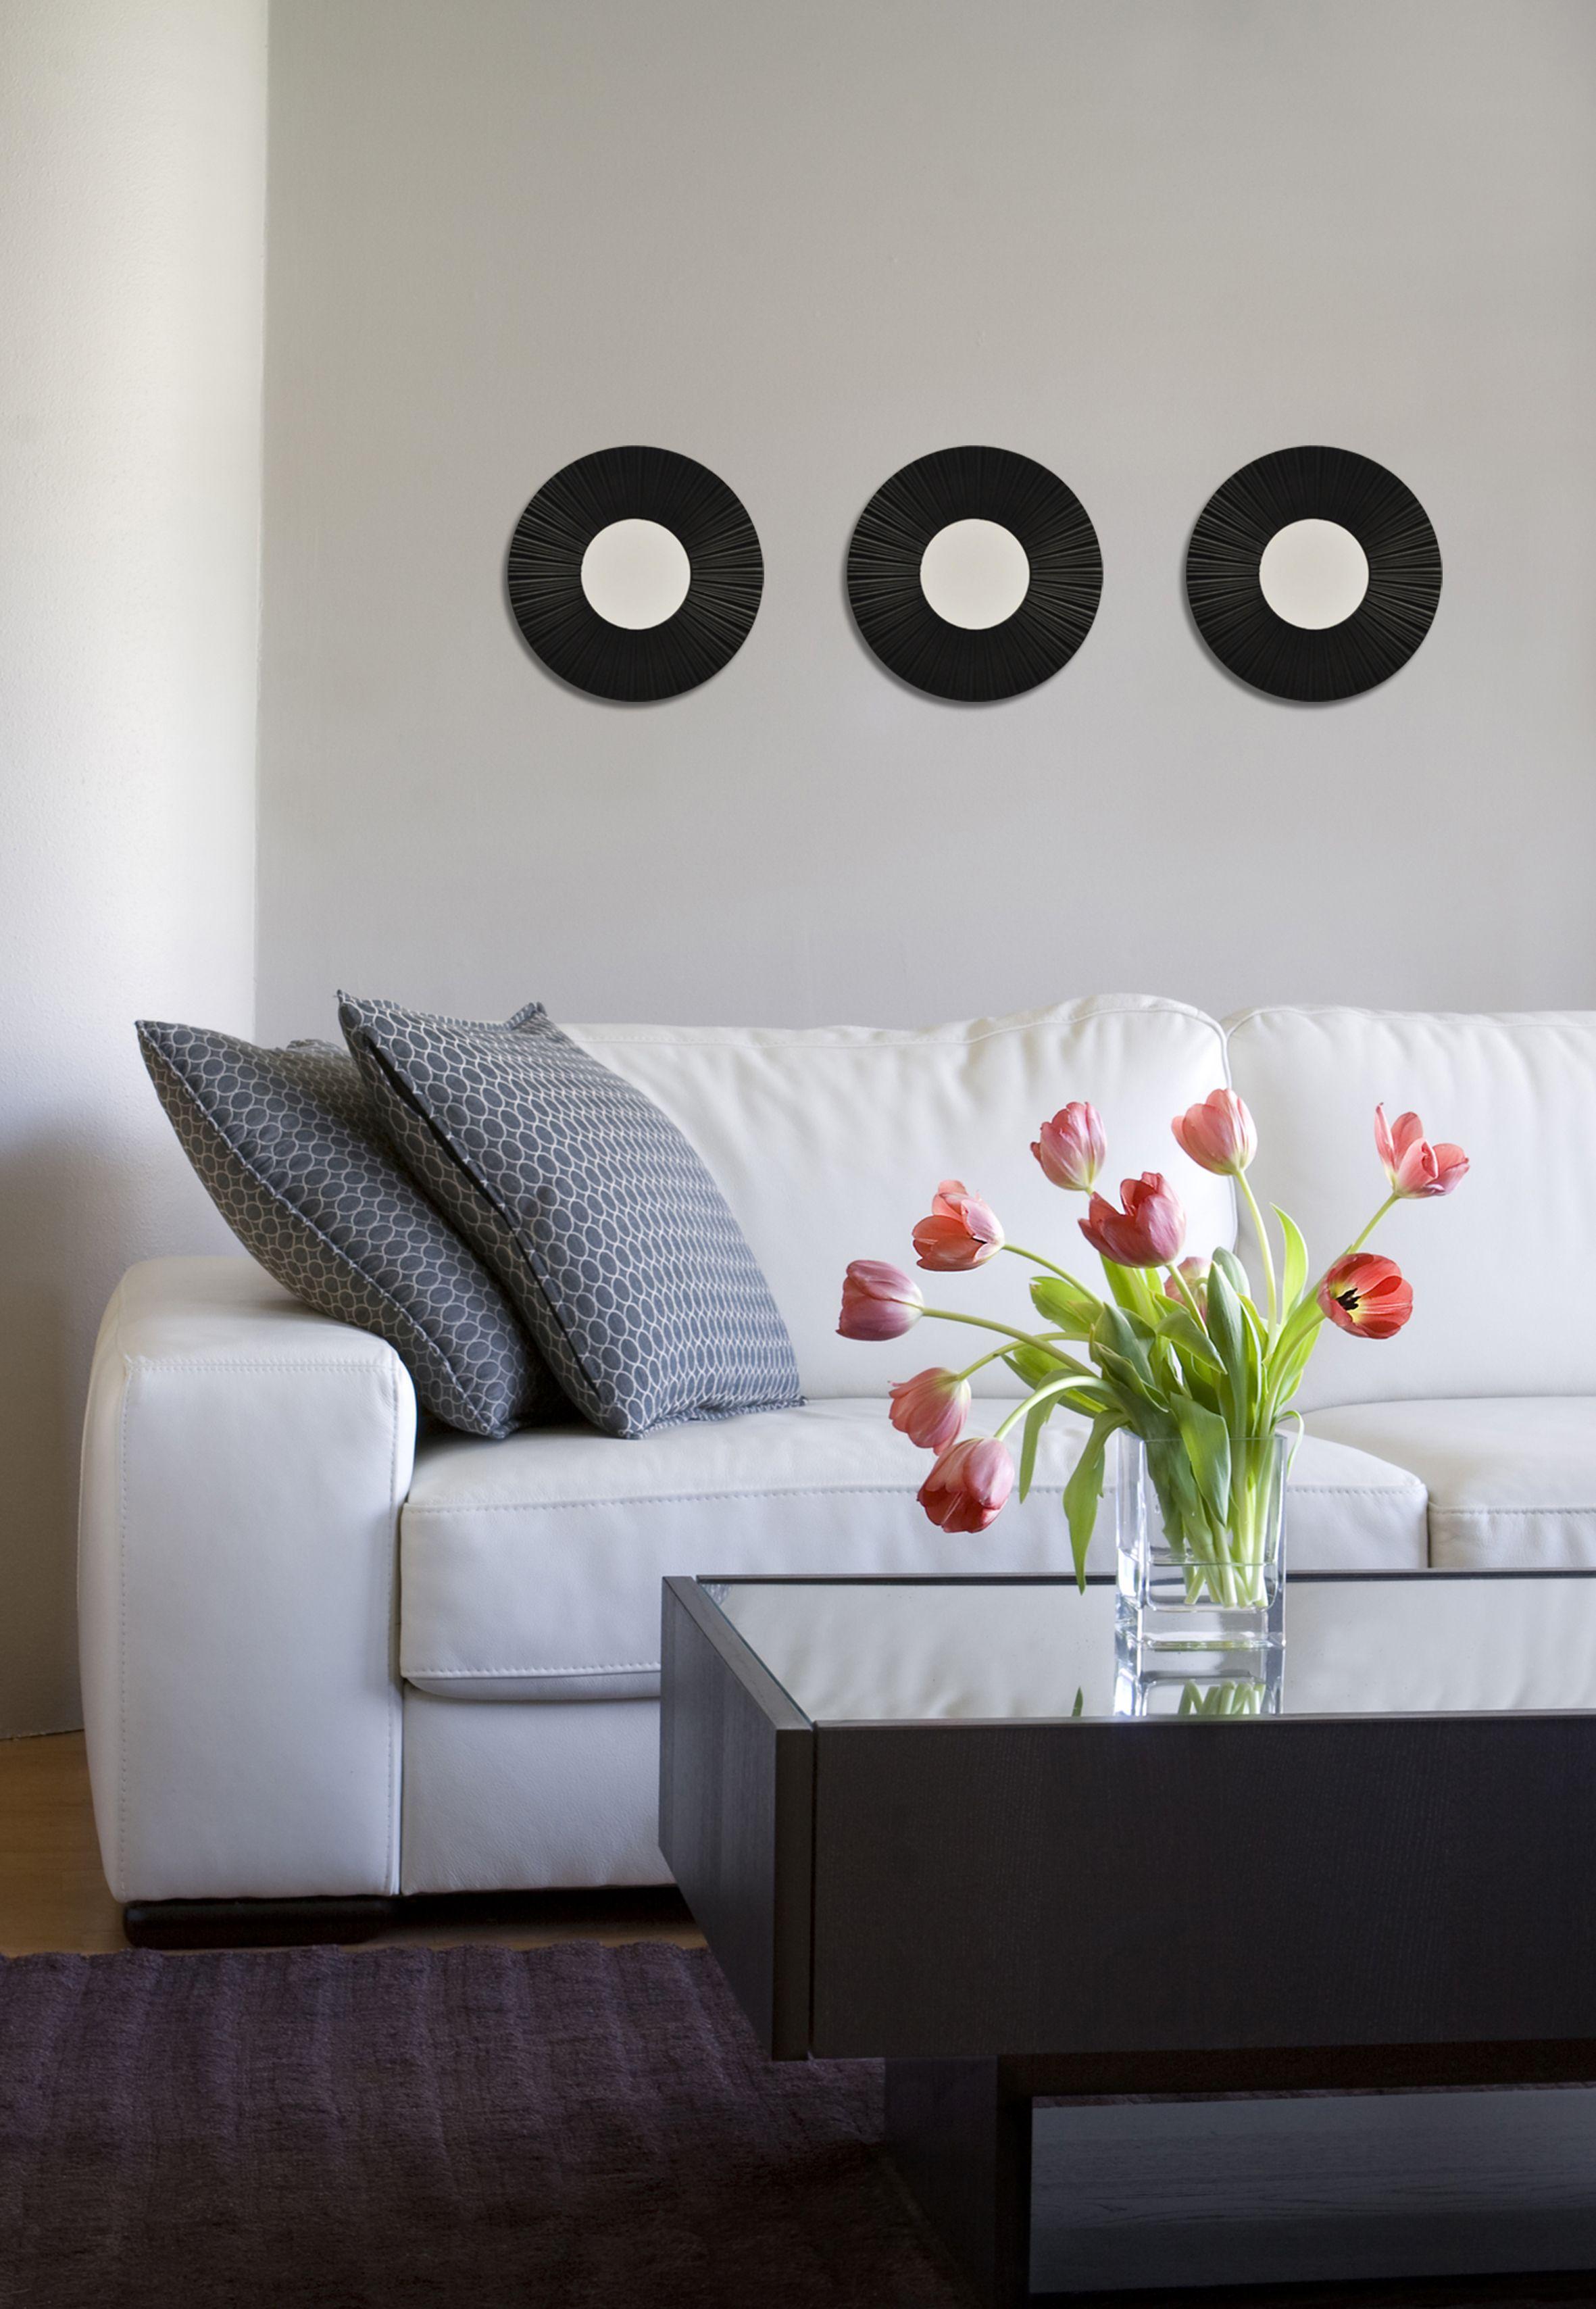 Los Juegos De Espejos Decorativos Son Incre Bles Para Dar Ambiente  ~ Espejos Decorativos Segunda Mano